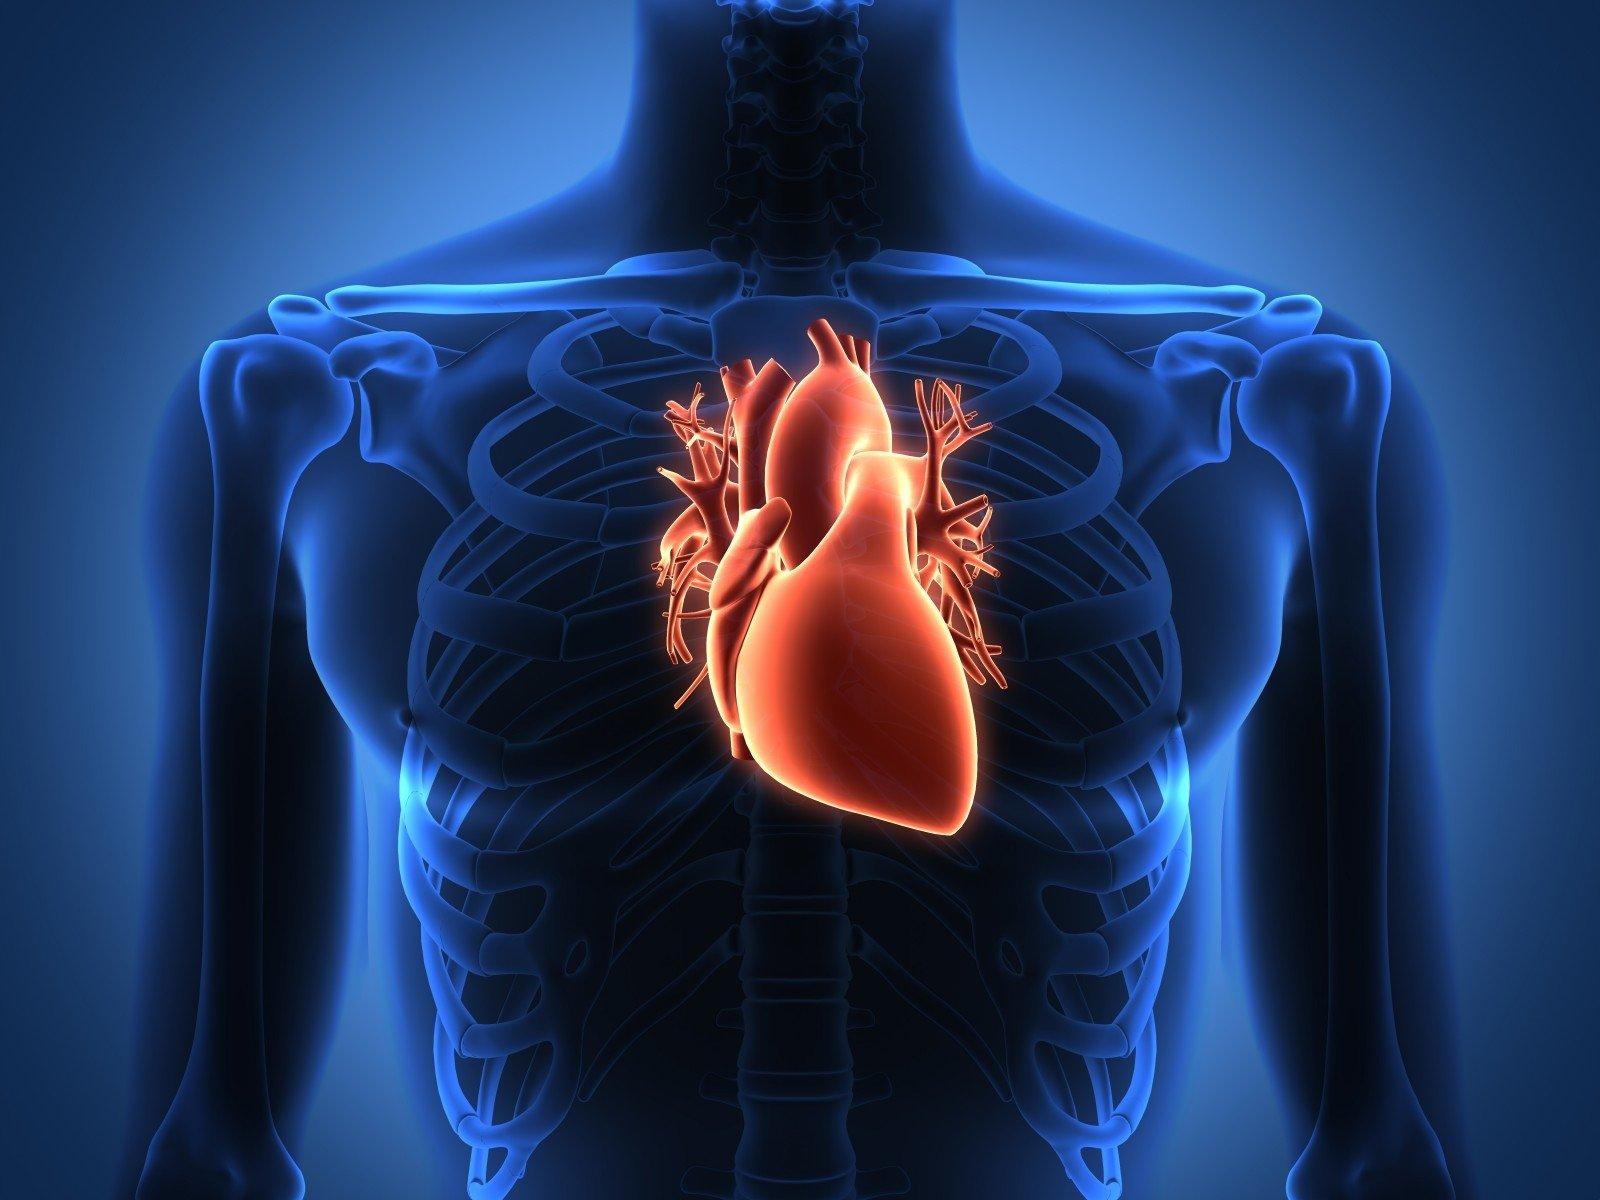 kaip saugoti savo širdies sveikatos straipsnius nutildyti tonai su hipertenzija